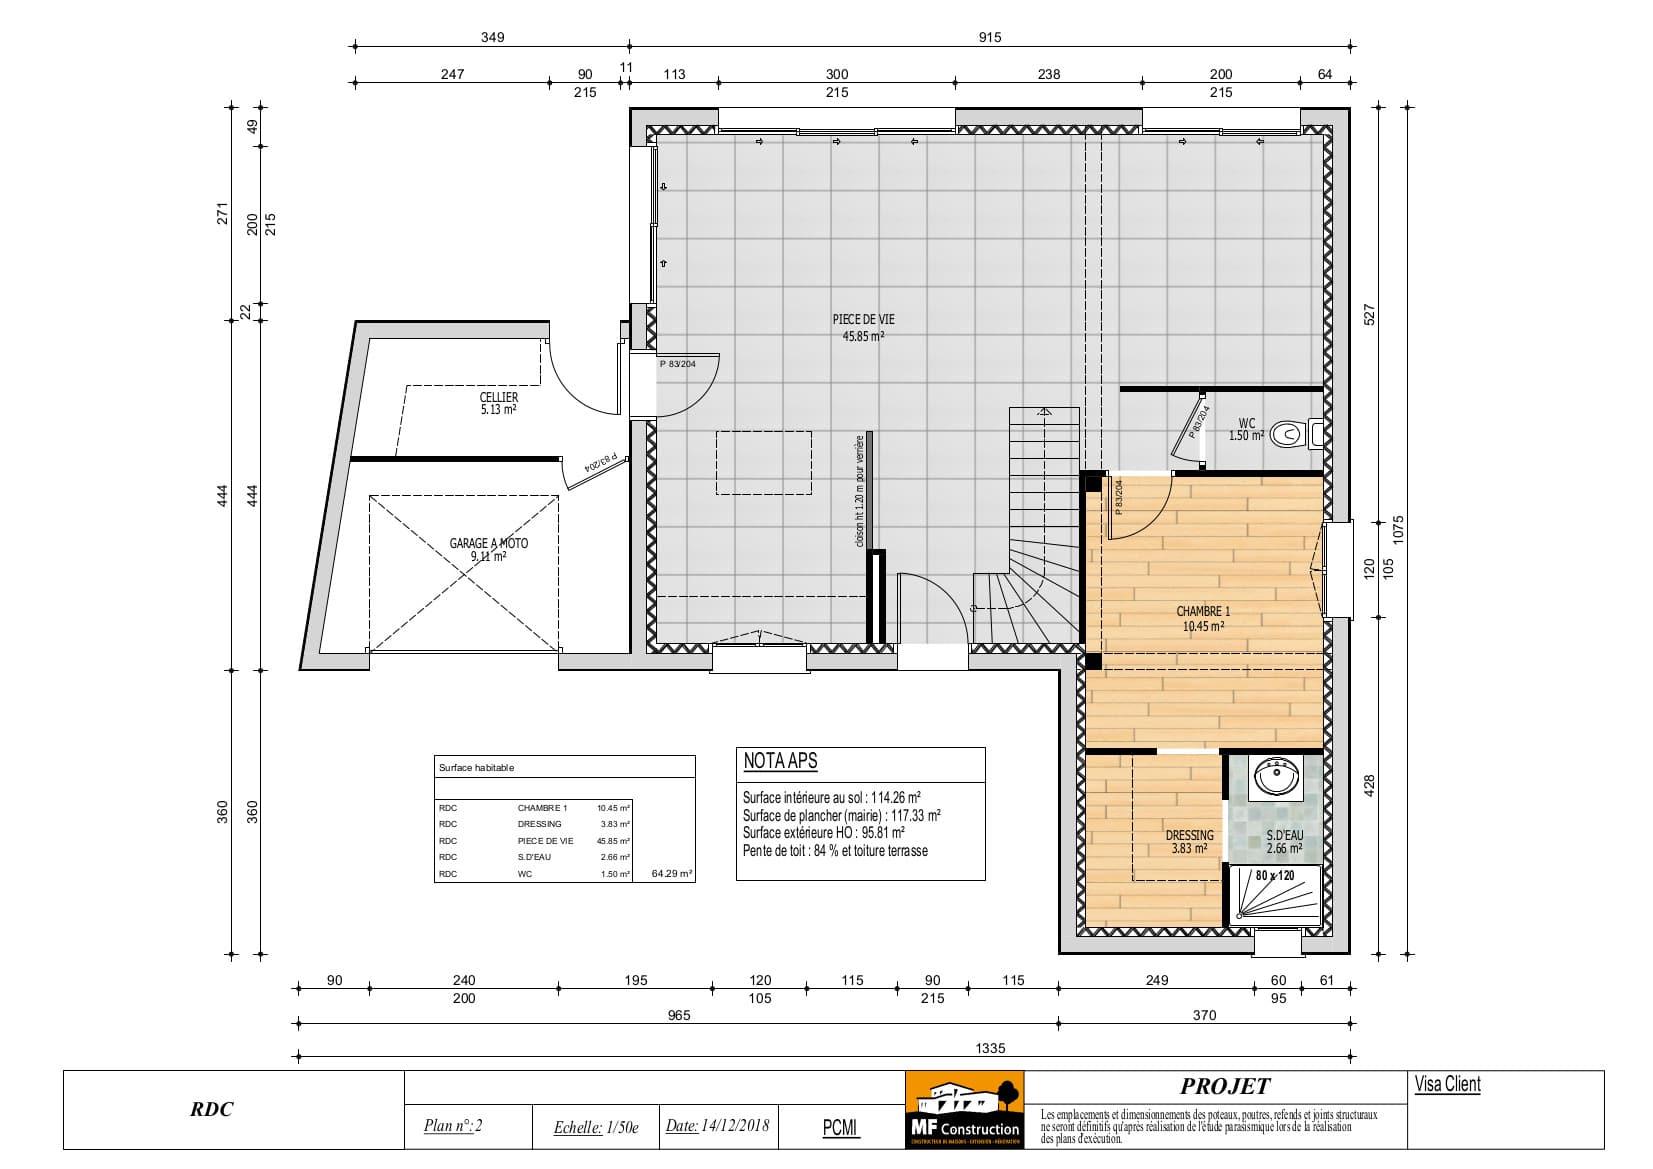 Plan Maison 110m2 avec étage - Nantes (44) - MF Construction